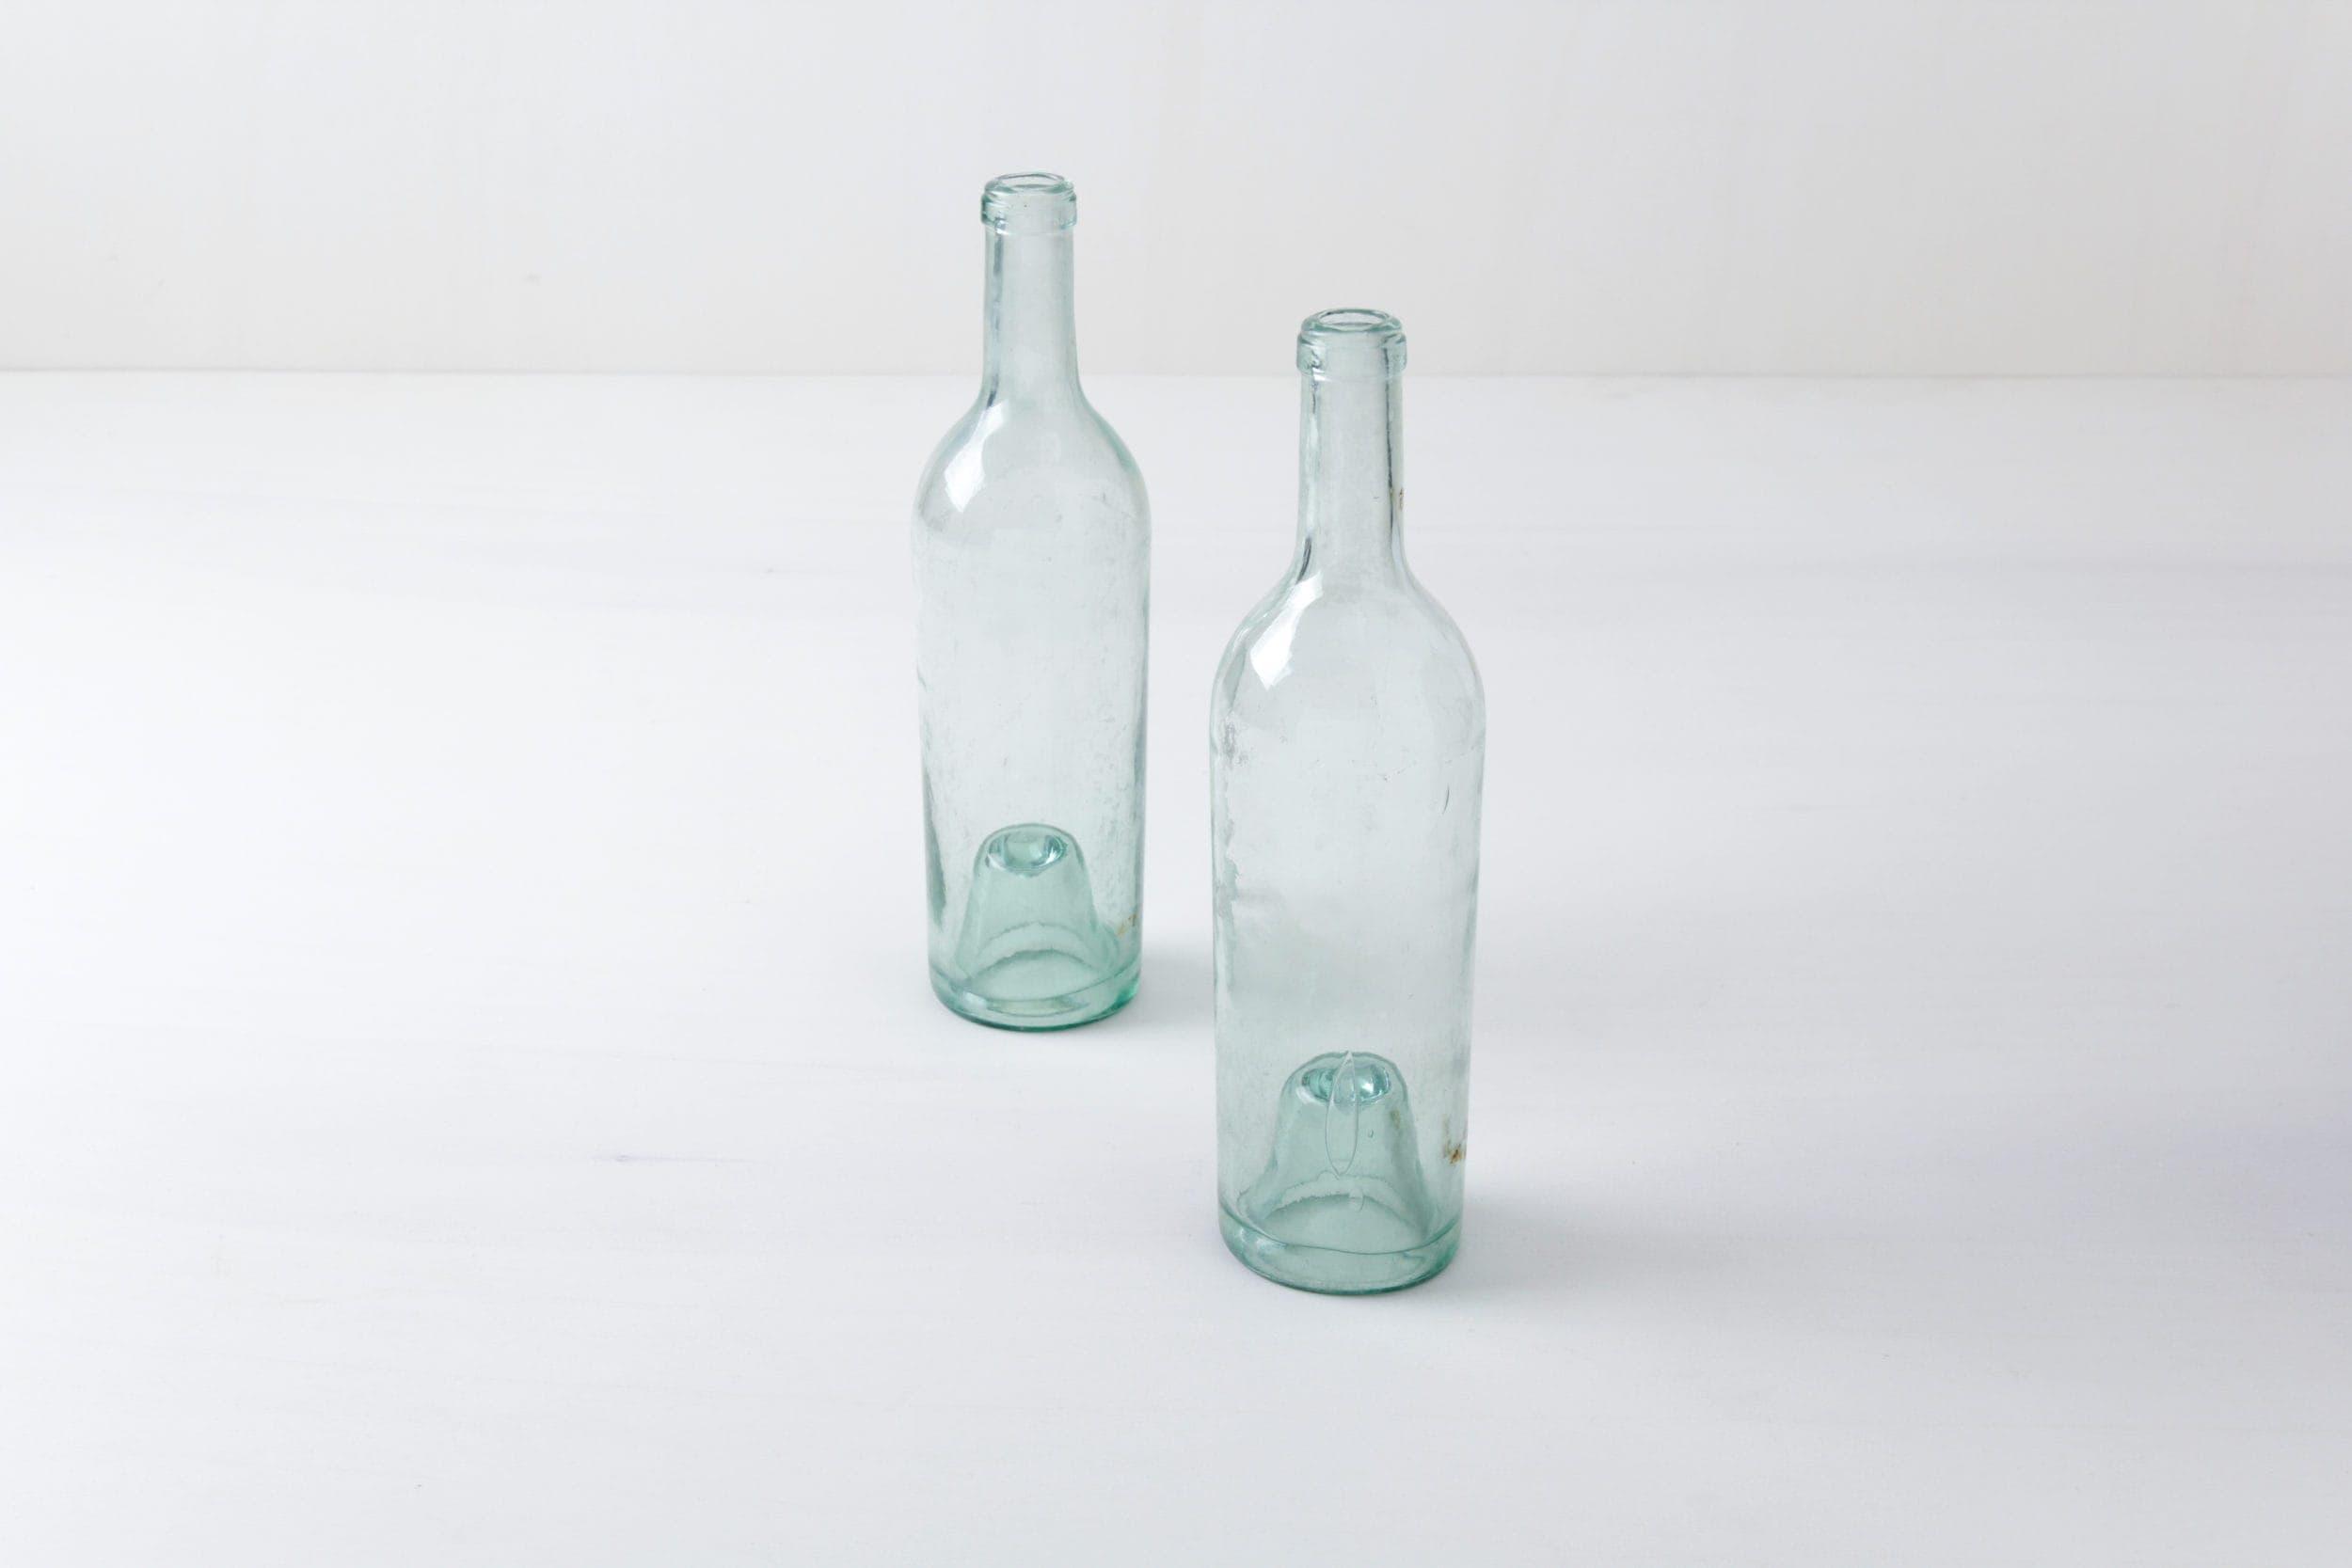 Antike Flaschen, Gläser, Vasen & Eventdeko zu mieten